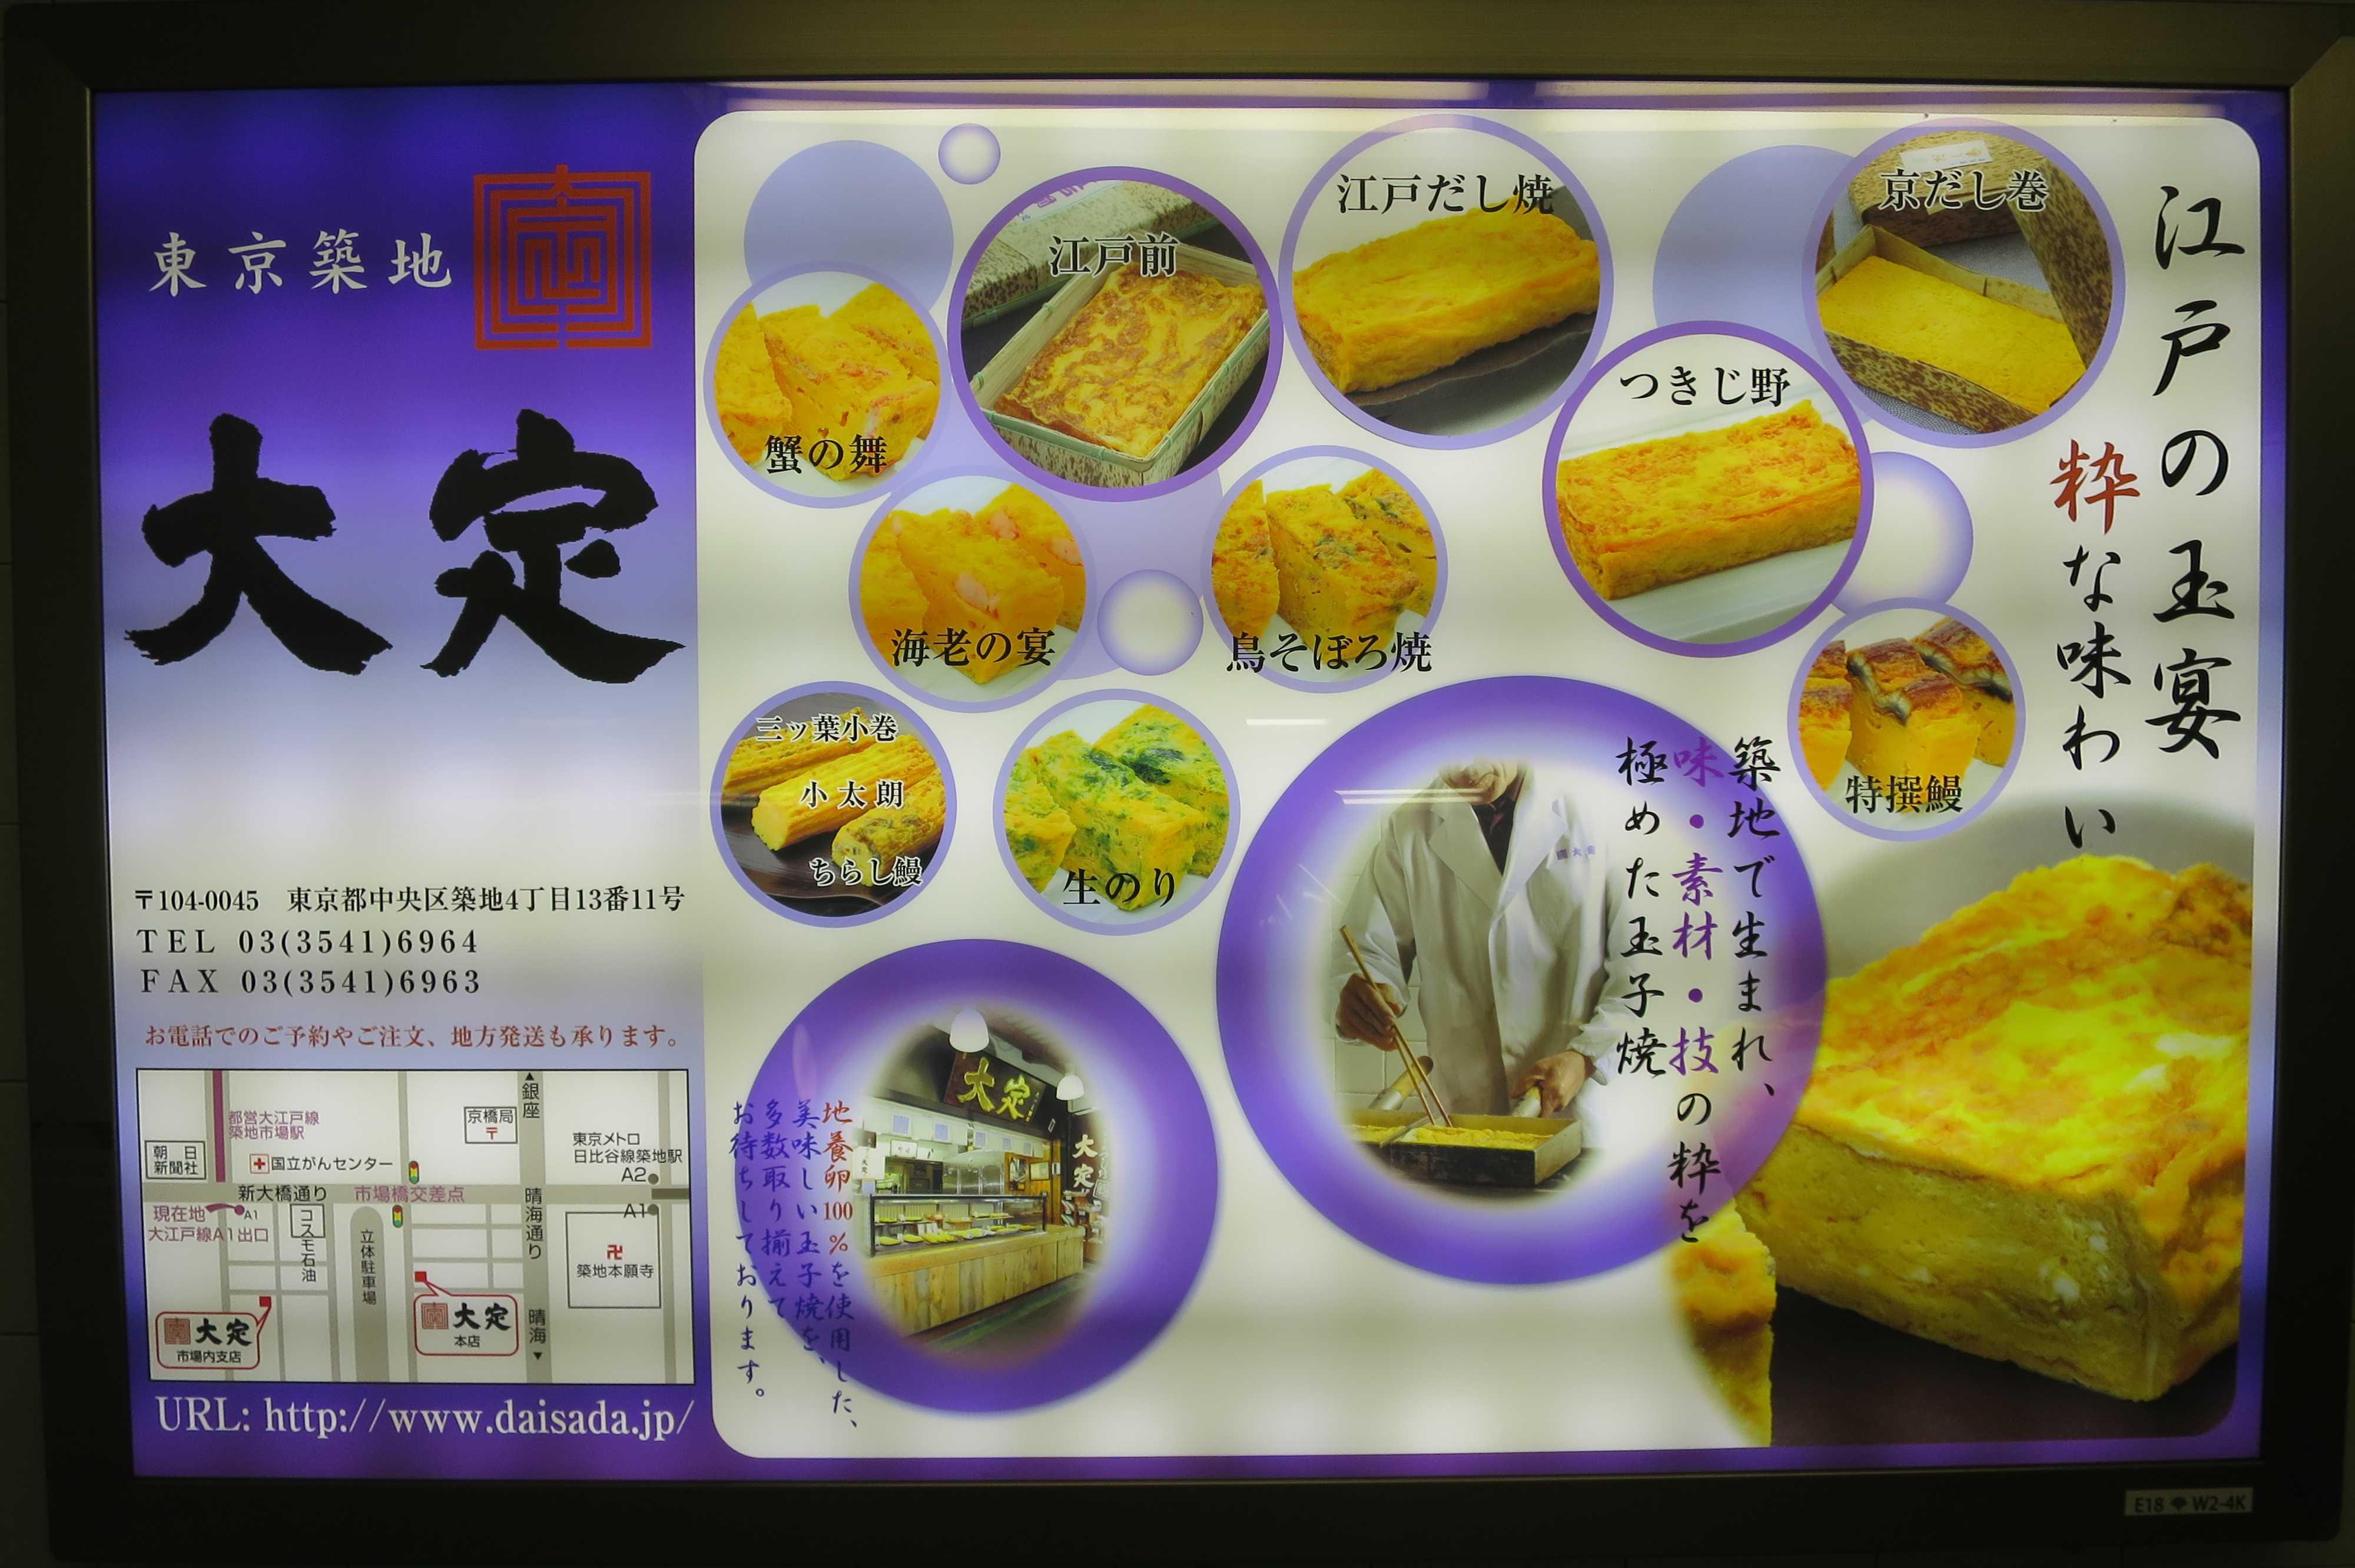 築地エリア - 大江戸線 築地市場駅の電飾看板(大定)